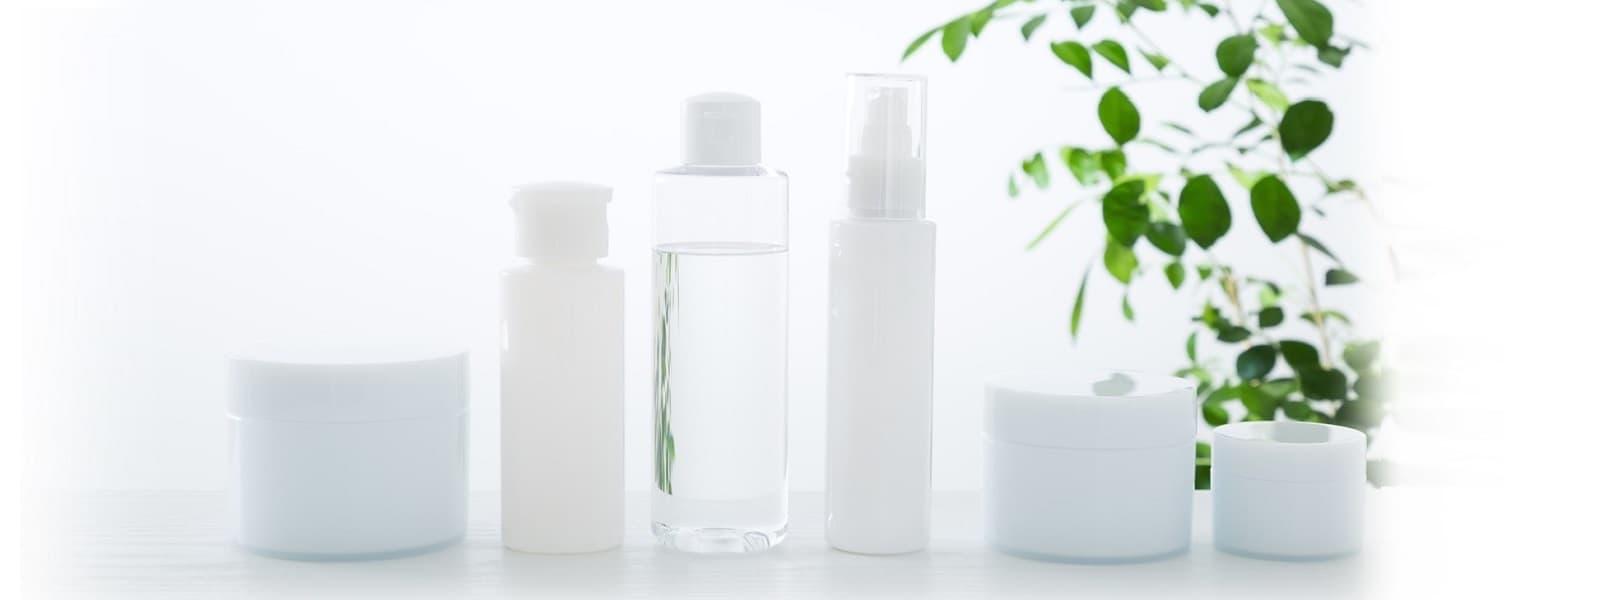 化粧品業界:OEMメーカーの求人特集